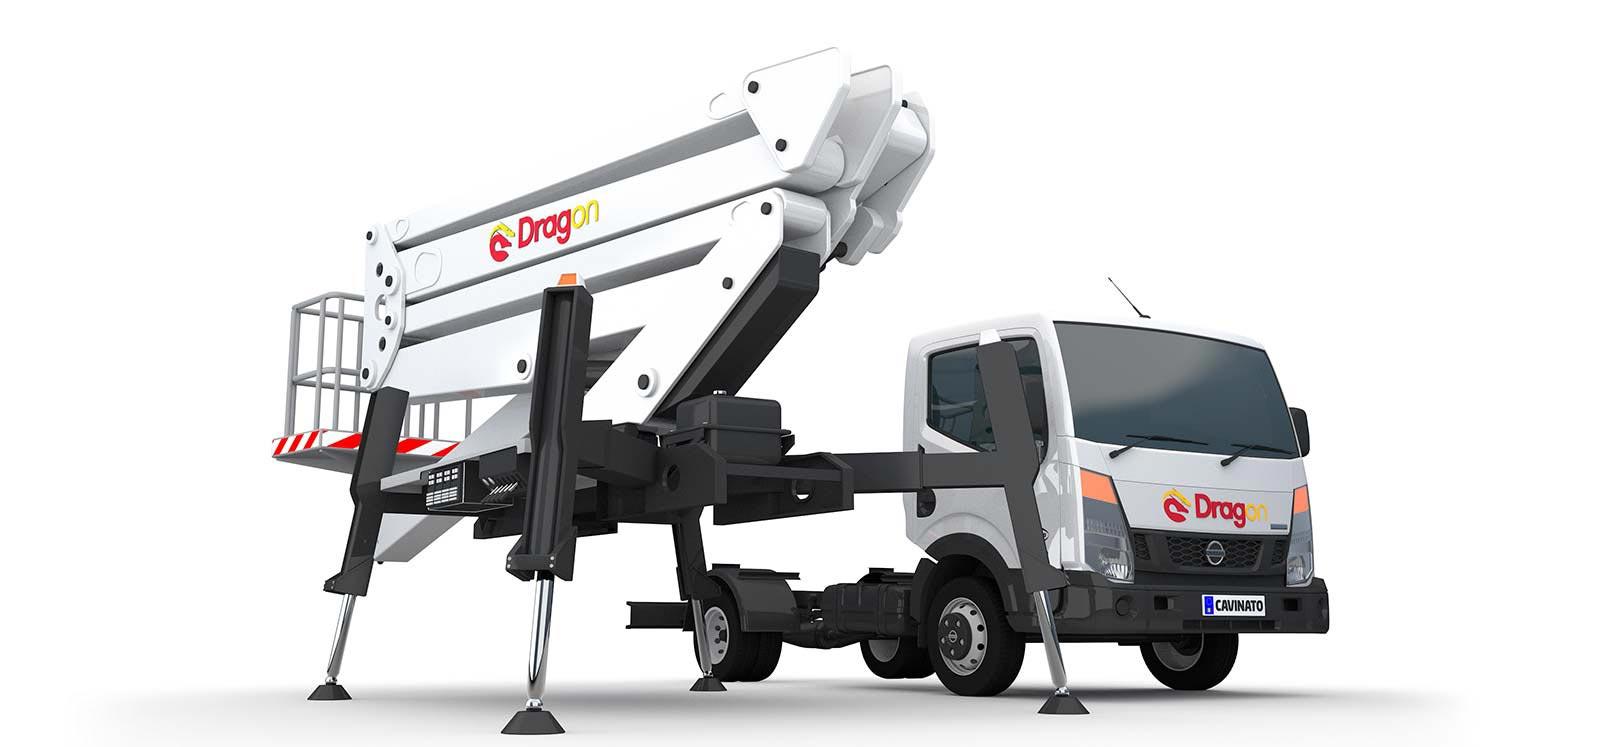 Innovativo sistema multifunzione di aggancio e sgancio rapido per carrozzerie Con Dragon puoi configurare il tuo mezzo di lavoro in base alle esigenze.